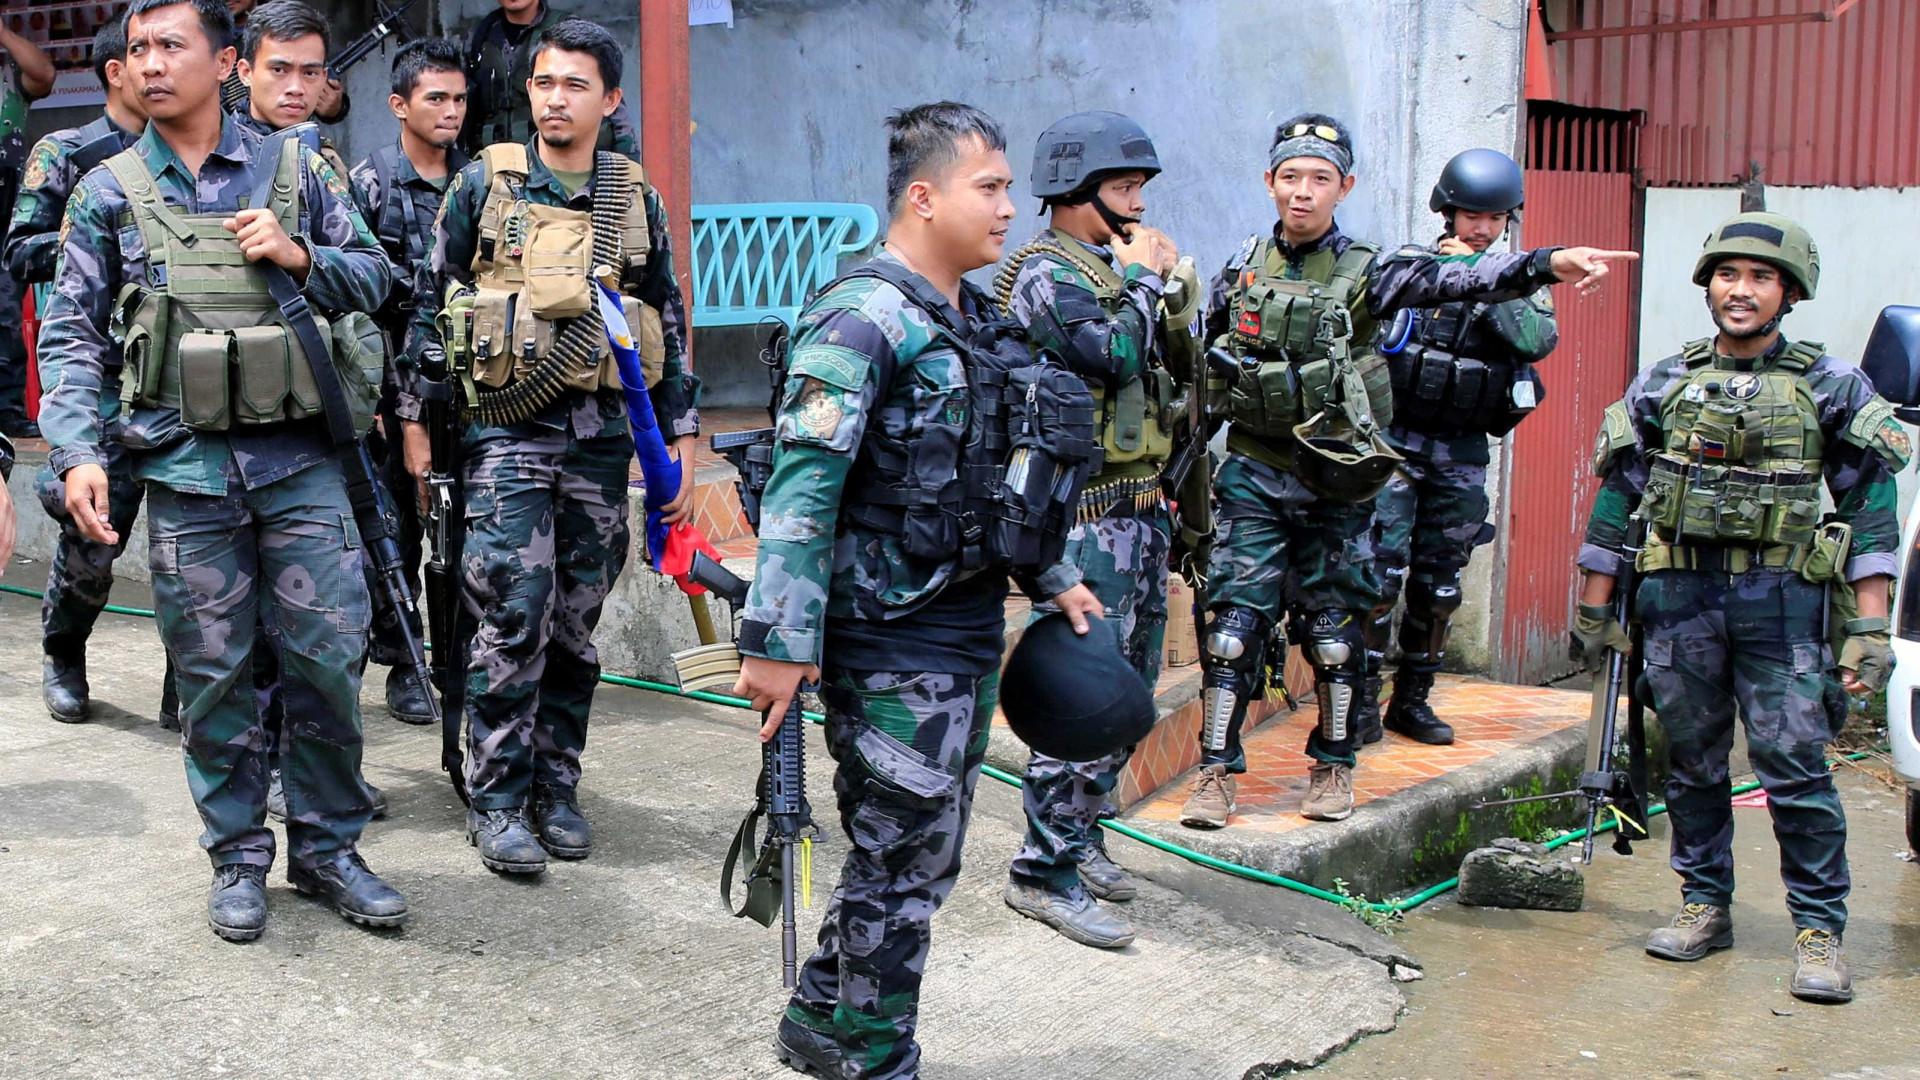 Polícia e exército das Filipinas pedem extensão da lei marcial no sul